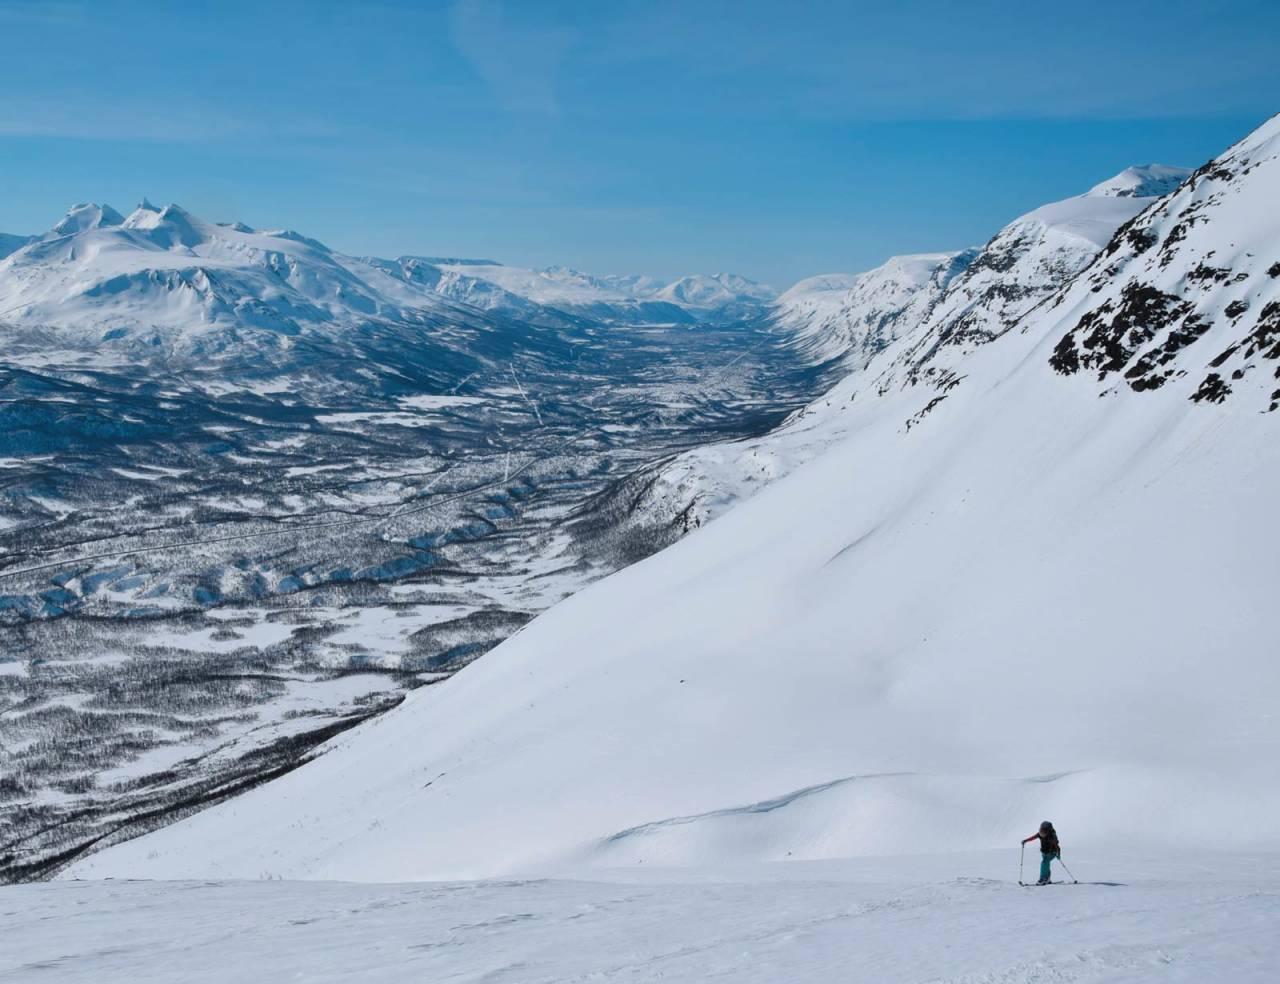 Oppstigning med utsikt. Heidi Berg på vei mot Langdaltinden. Foto: Espen Nordahl. / Toppturer i Troms.